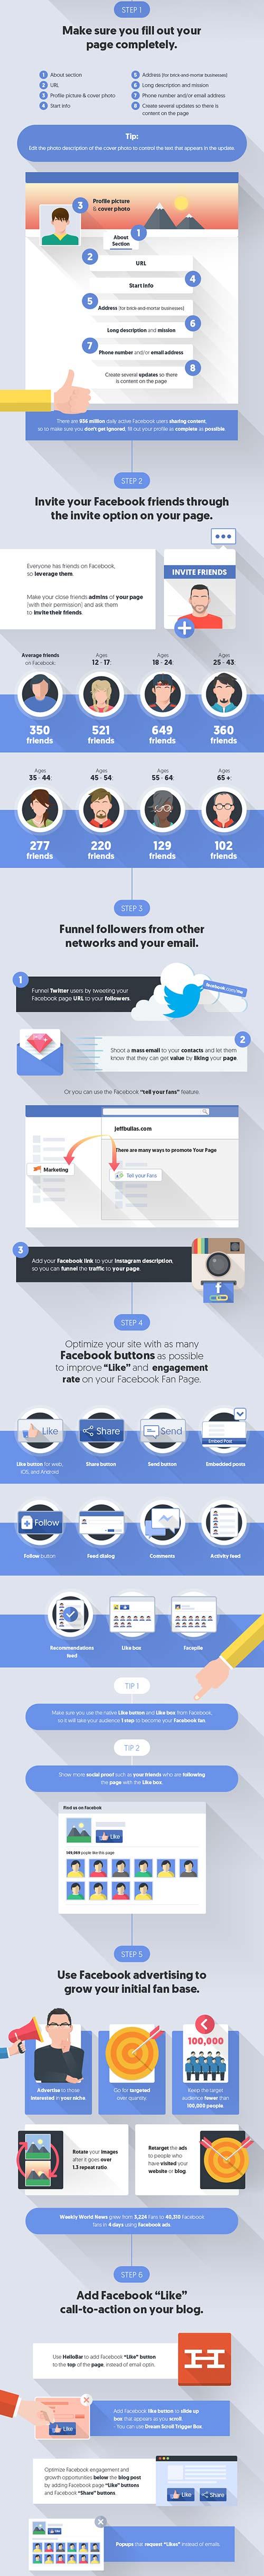 Как да привлечем повече реални фенове във Fb